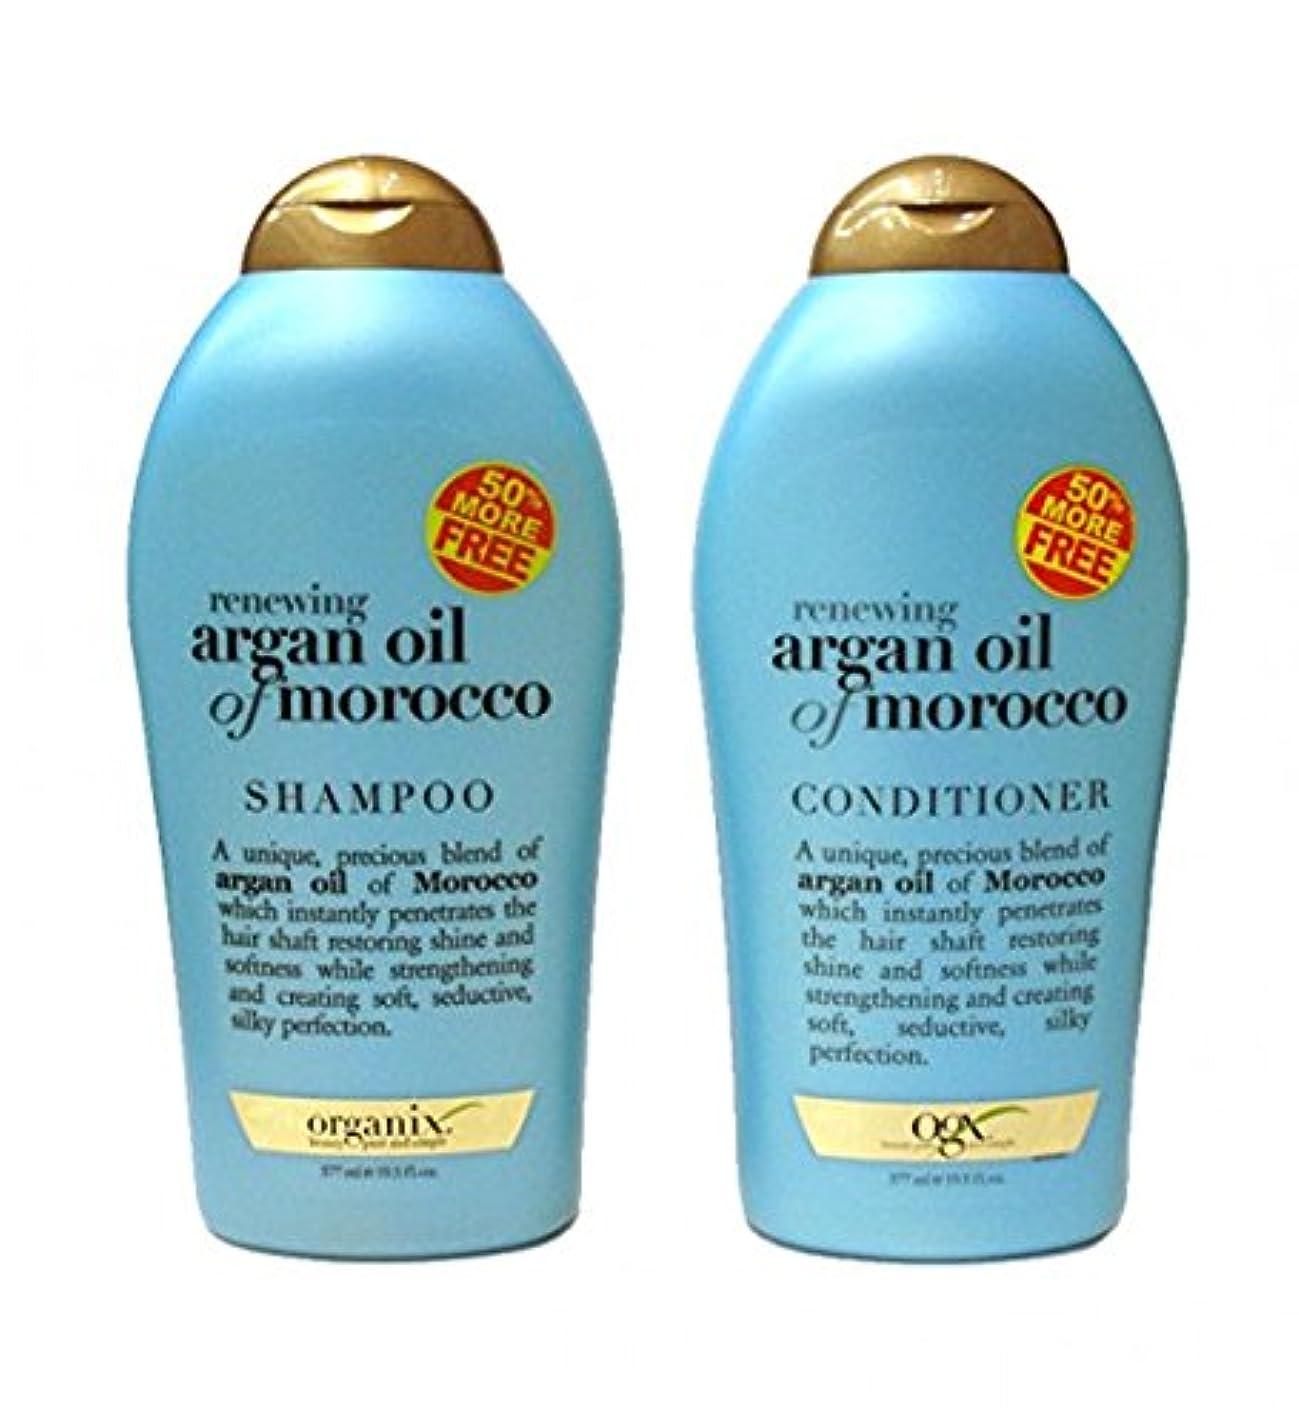 ナプキンコイルより良いOGX Organix Argan Oil of Morocco Shampoo & Conditioner Set (19.5 Oz Set) [並行輸入品]